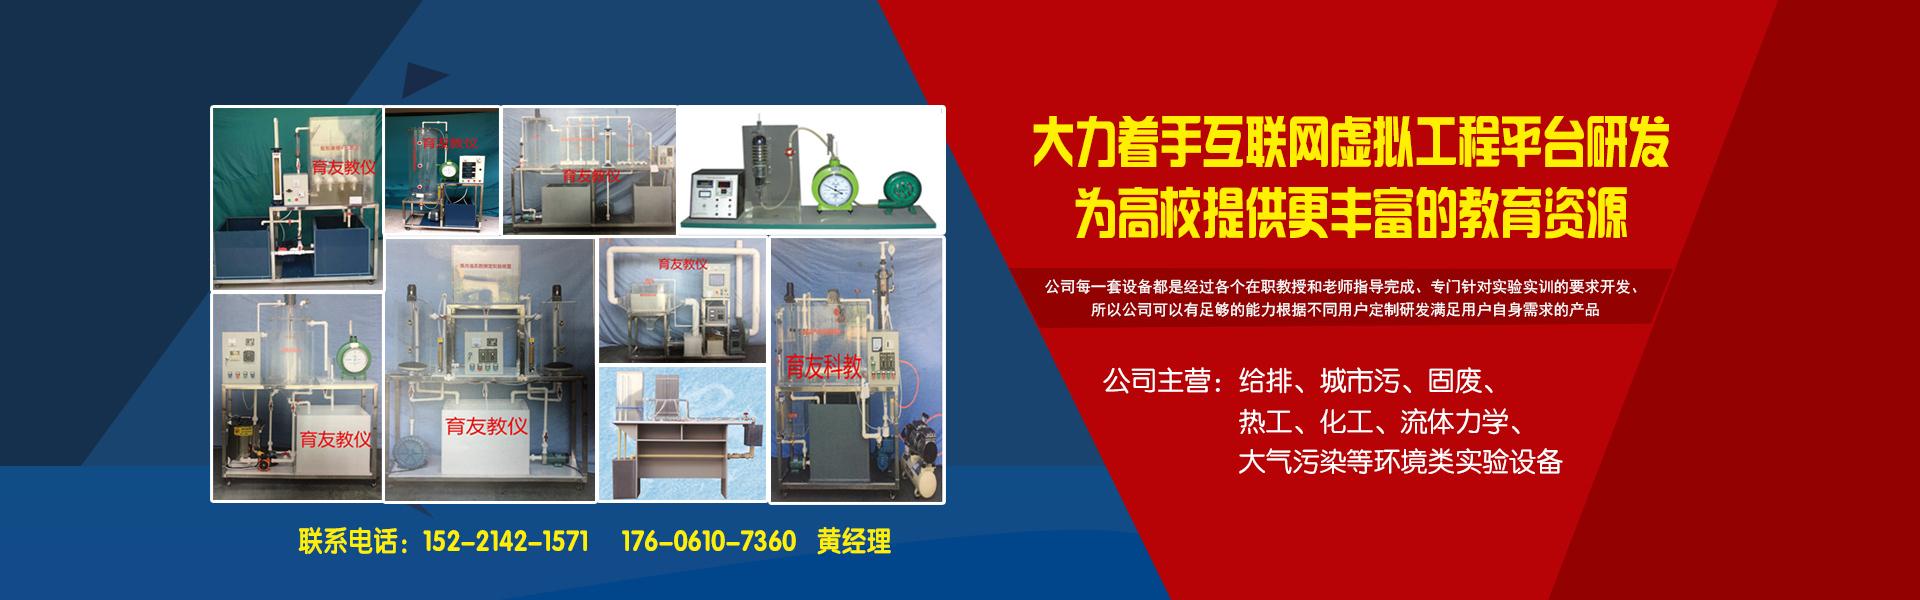 大气污染控制装置